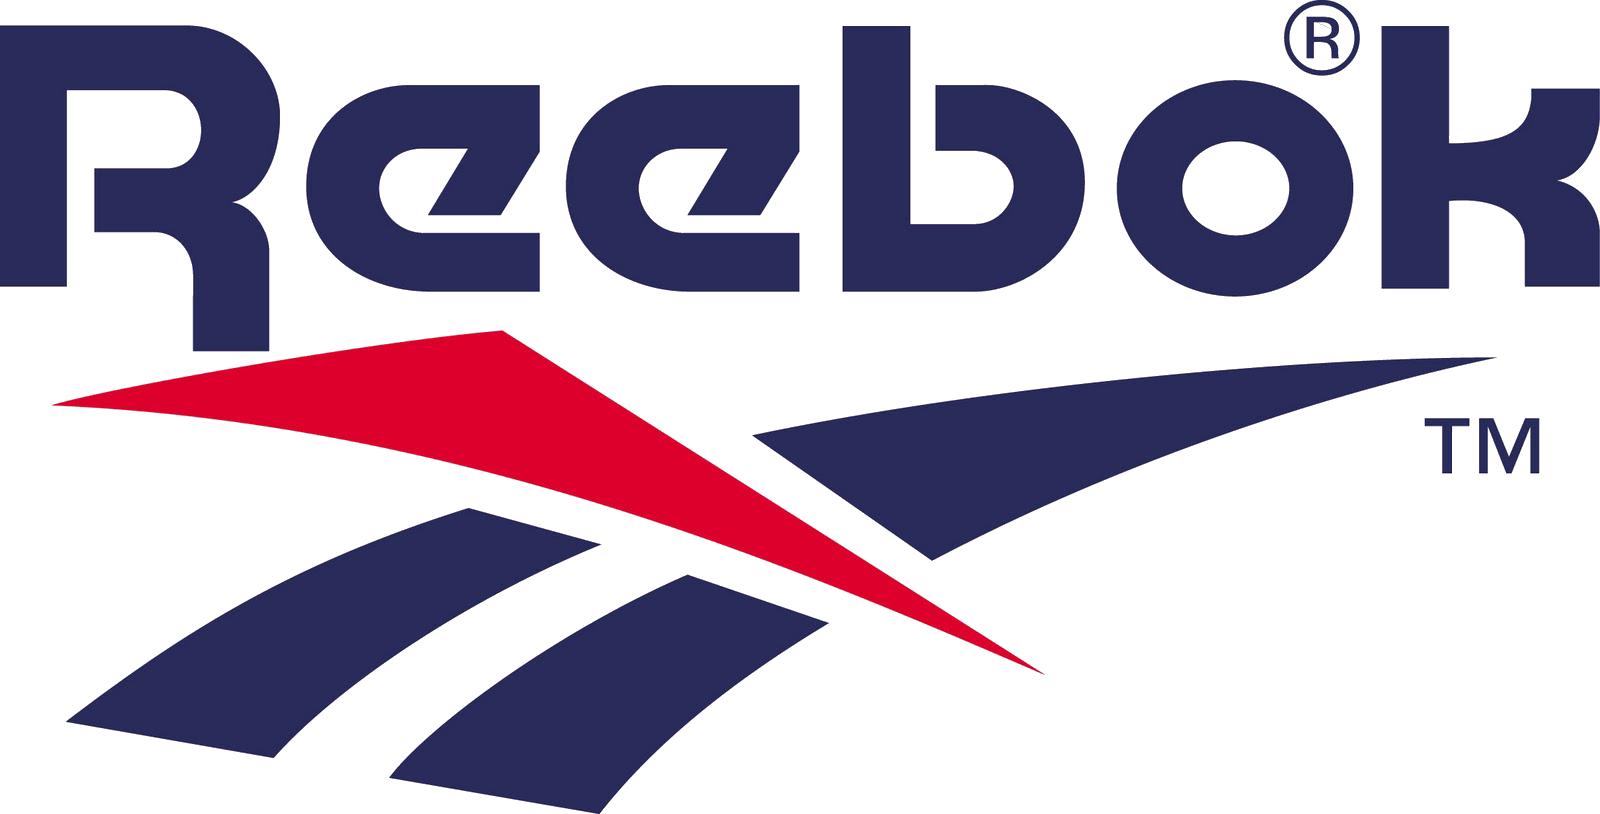 reebok logo png transparent reebok logopng images pluspng